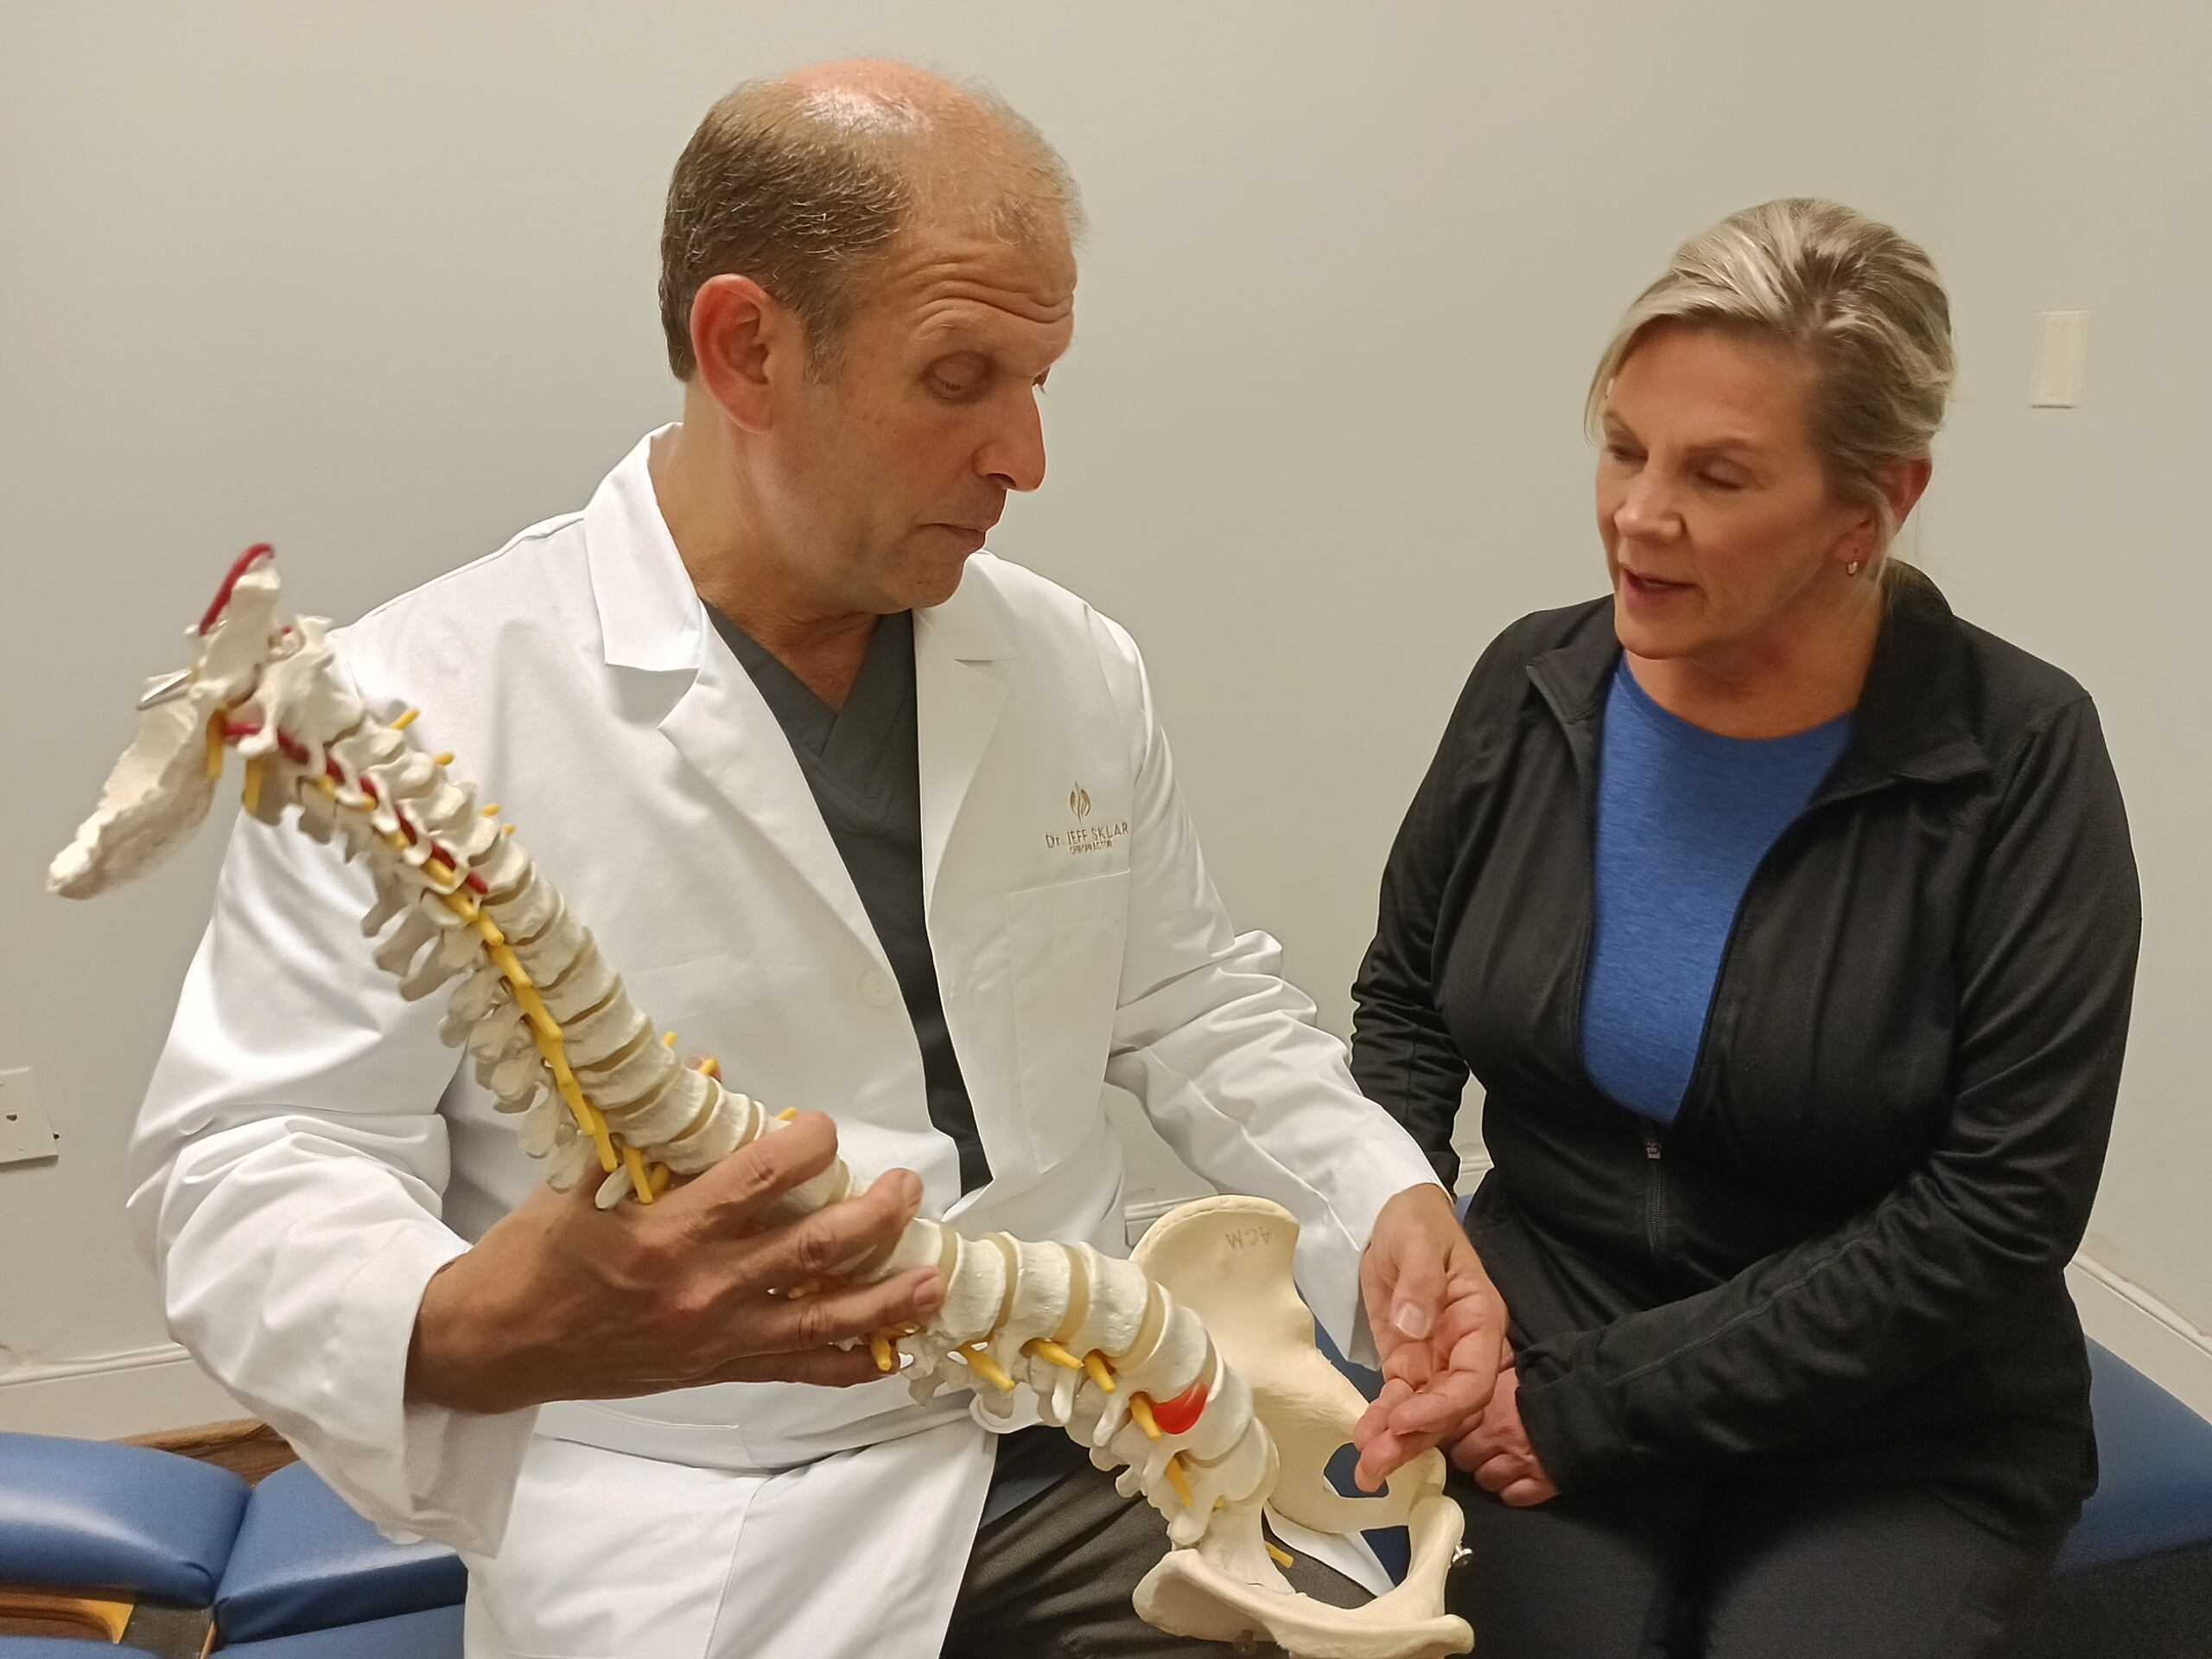 Dr. Jeff Sklar, Chiropractor